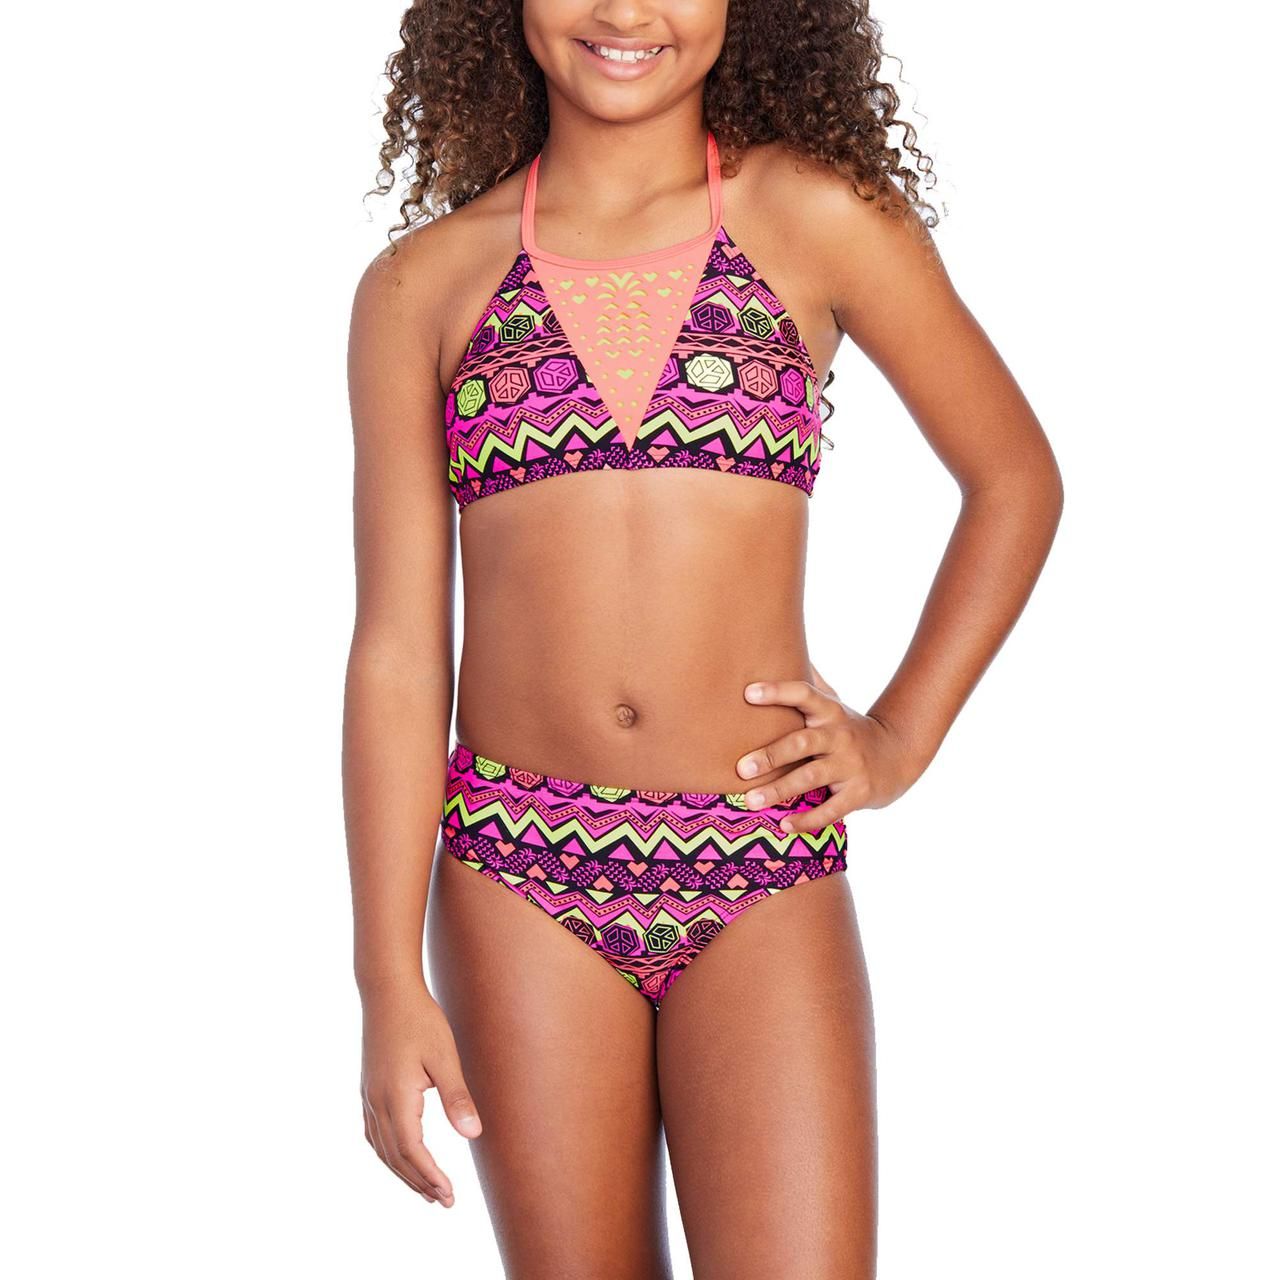 Купальник для девочек США на рост 140-155 см раздельный Coral детские купальники